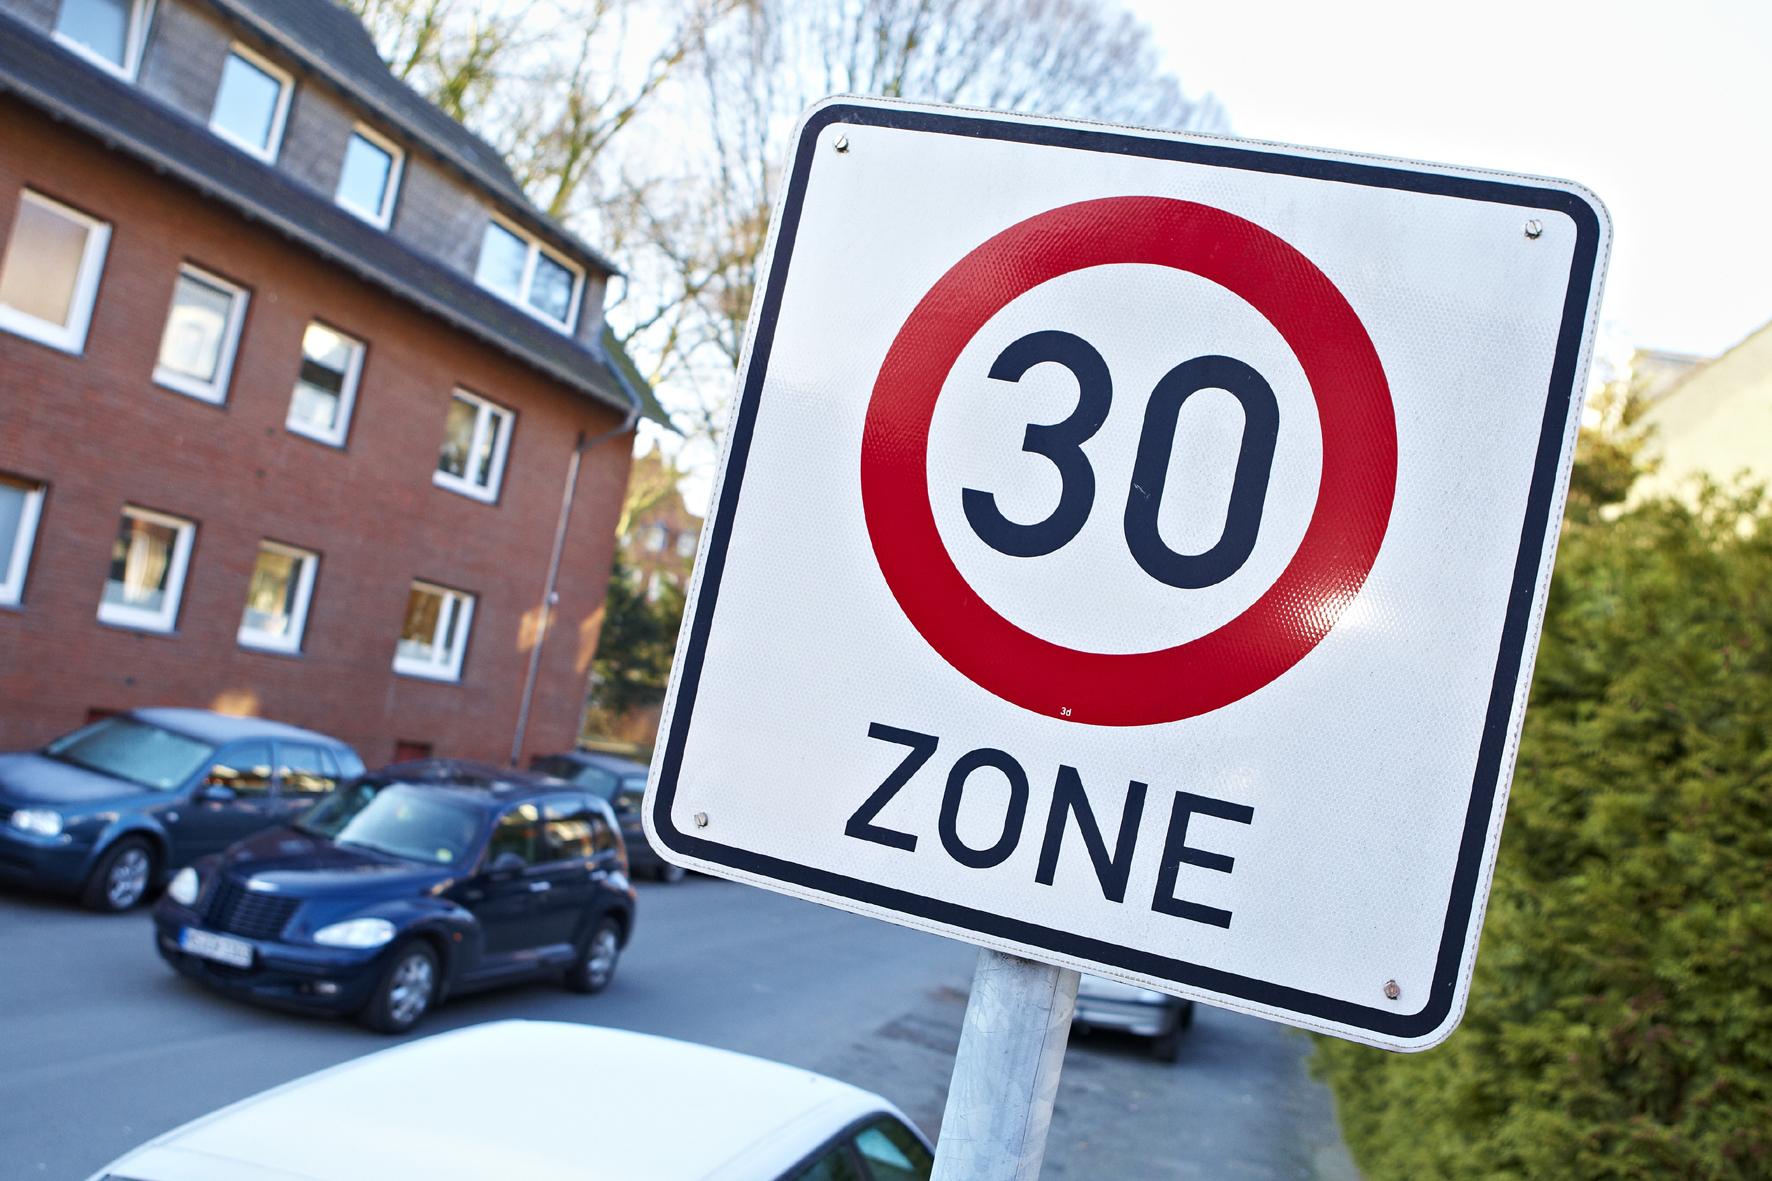 mid Düsseldorf - Die Verkehrsminister der Länder haben beschlossen, dass künftig vor Schulen und Kindertagesstätten Tempo-30-Zonen die Regel sein sollen.